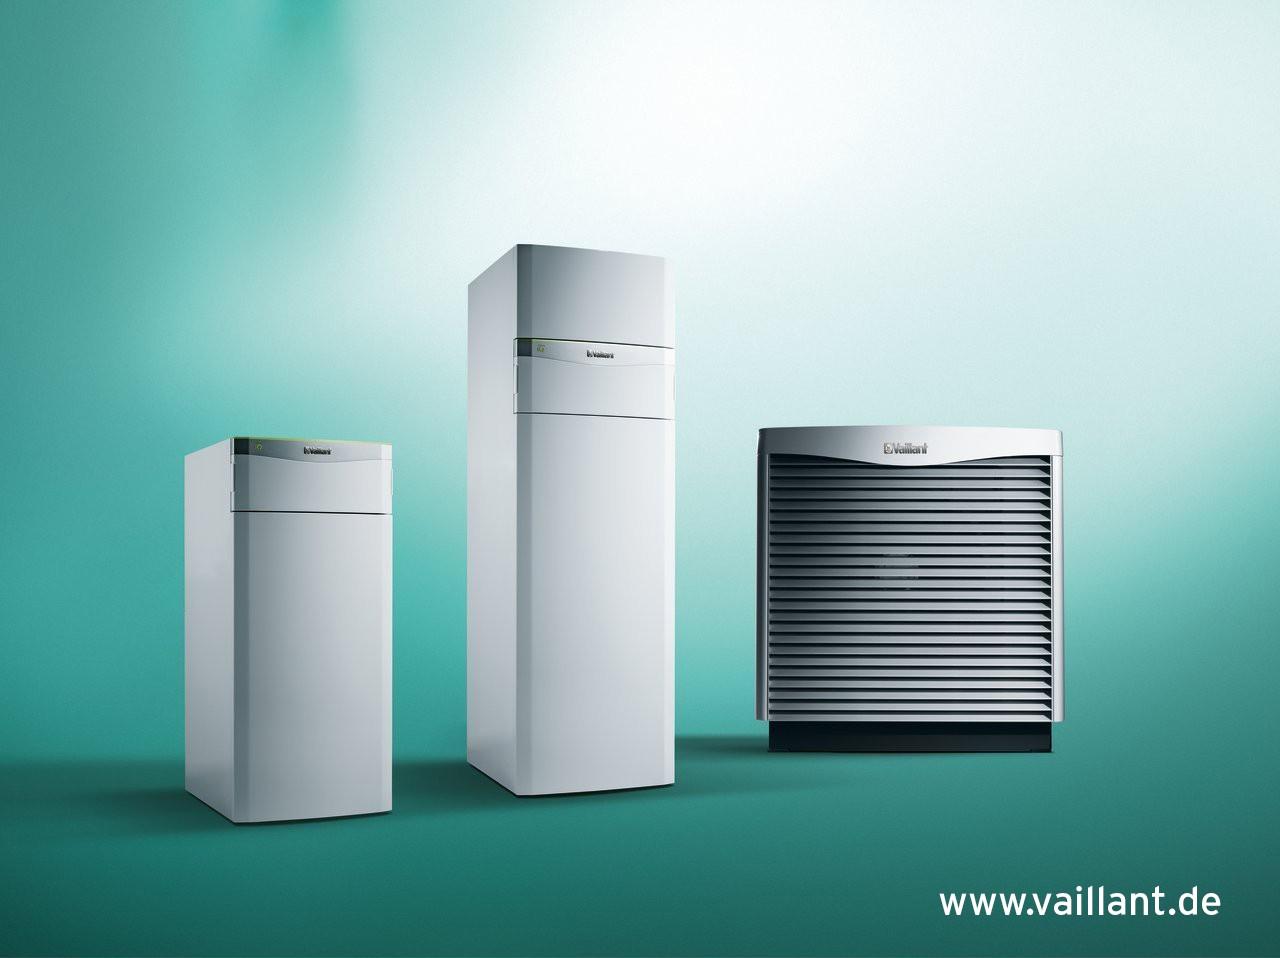 Vaillant VAILLANT Set 4.47 flexoCOMPACT VWF 88 /4 mit aroCOLLECT Luft/Wasser